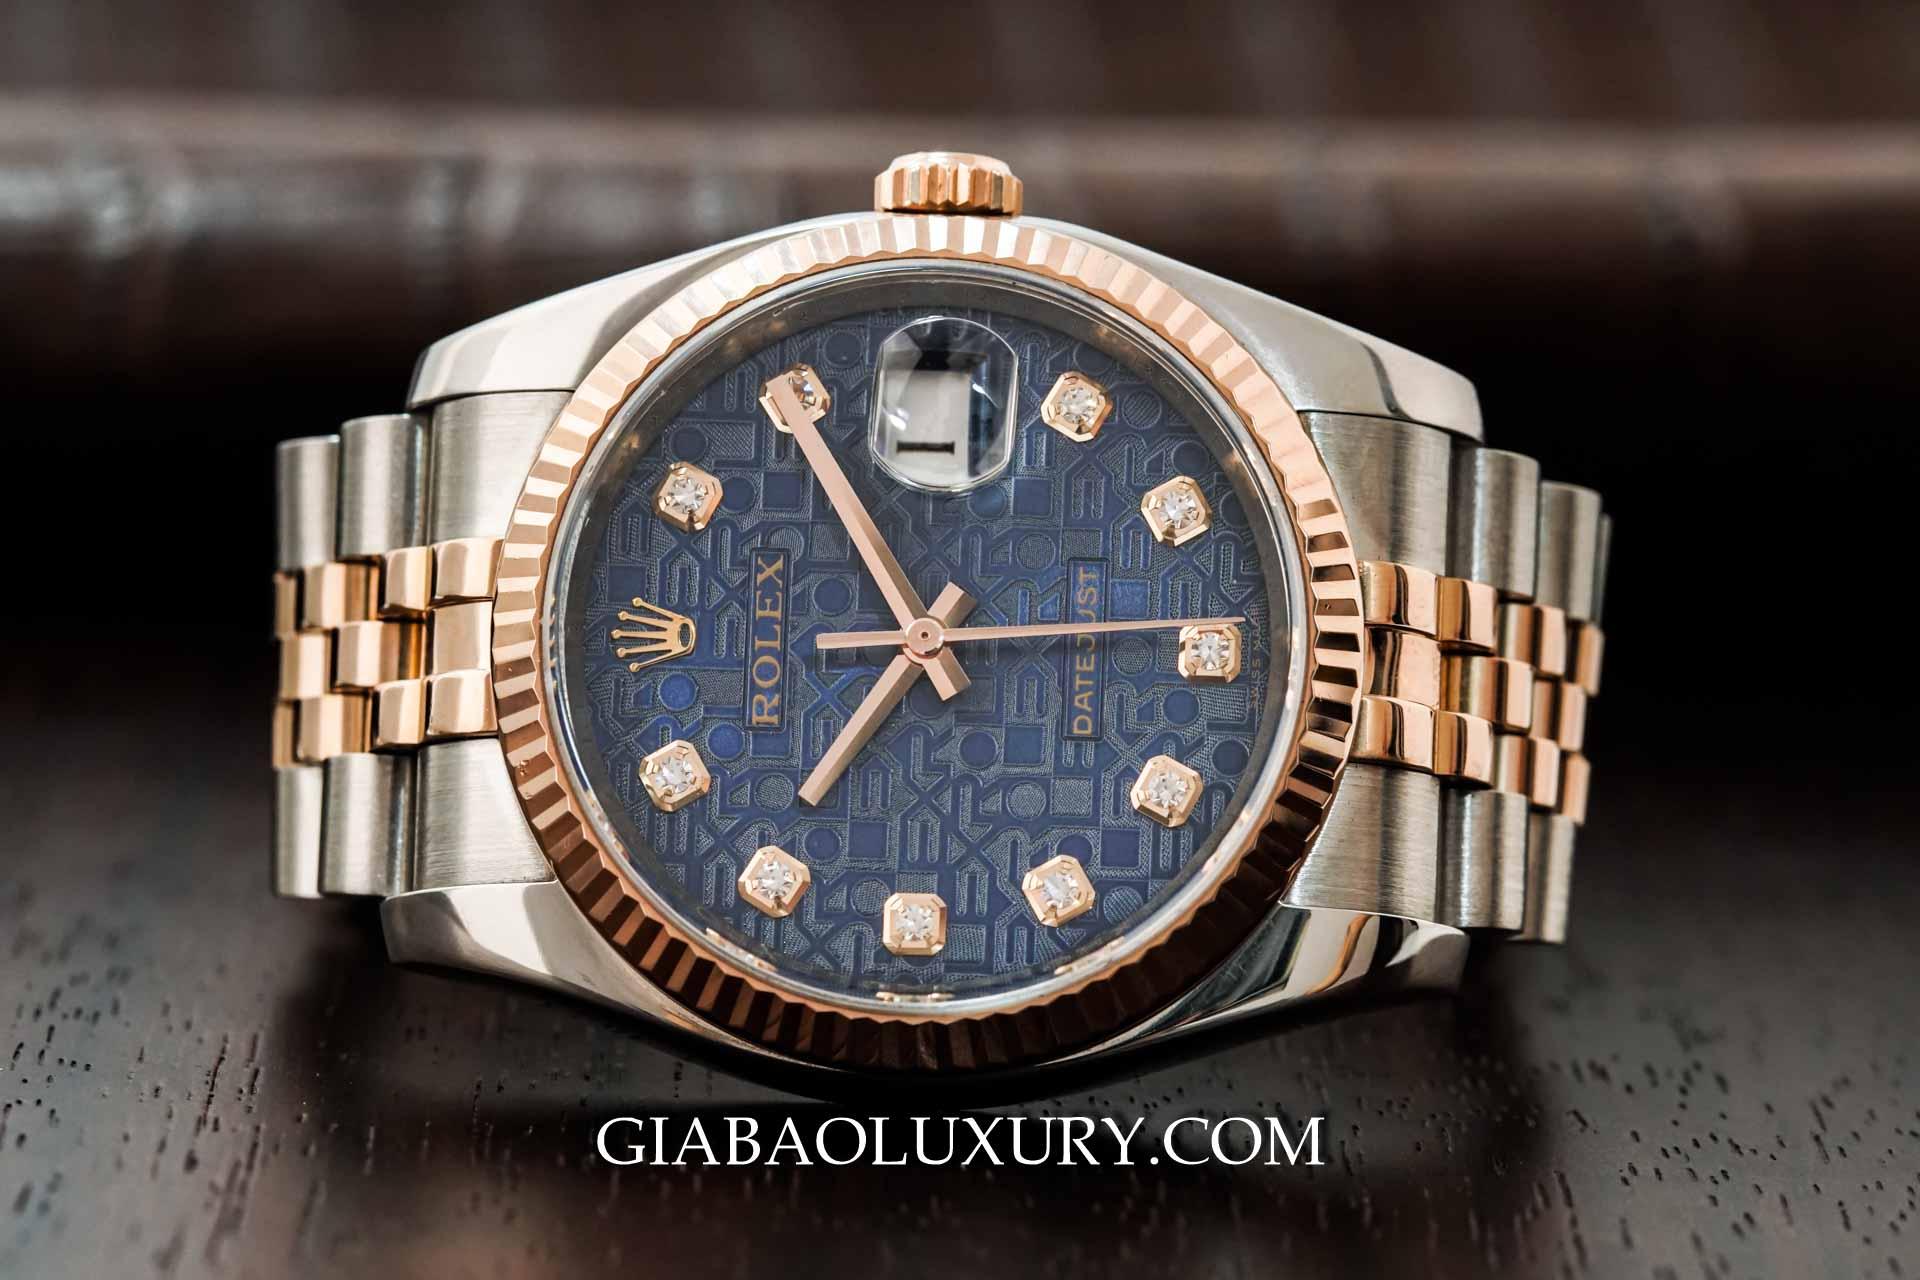 Thu mua, trao đổi, ký gửi đồng hồ cao cấp chính hãng